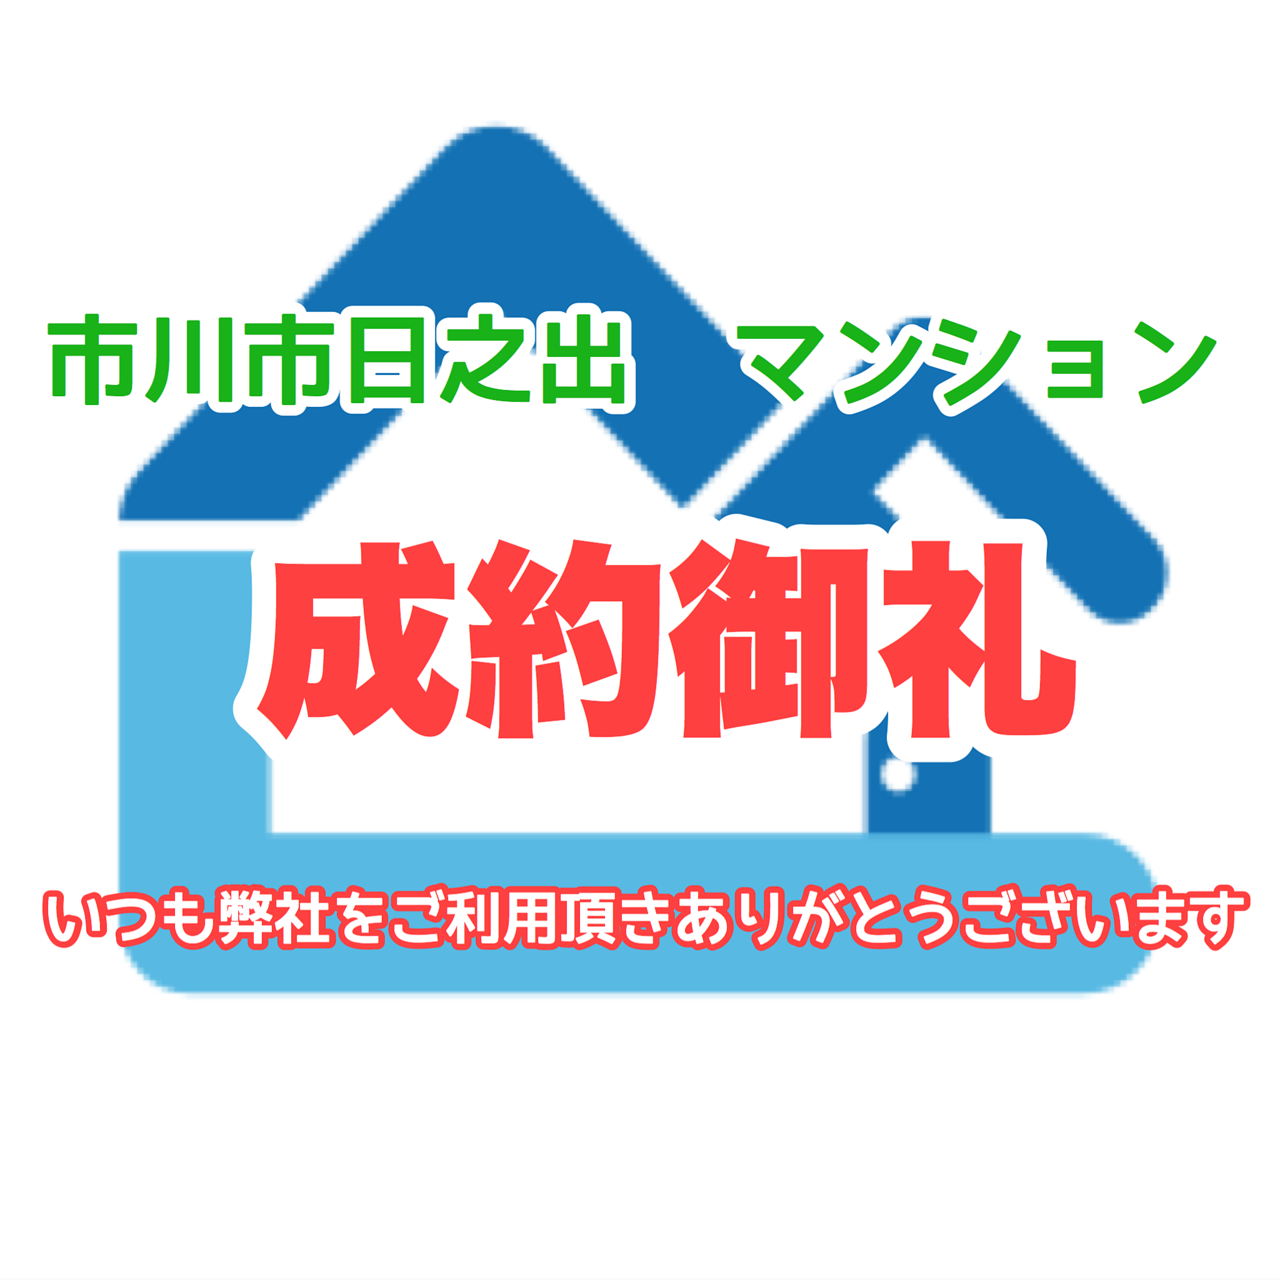 【成約御礼】市川市日之出 マンション(K株式会社様、この度はありがとうございました。)